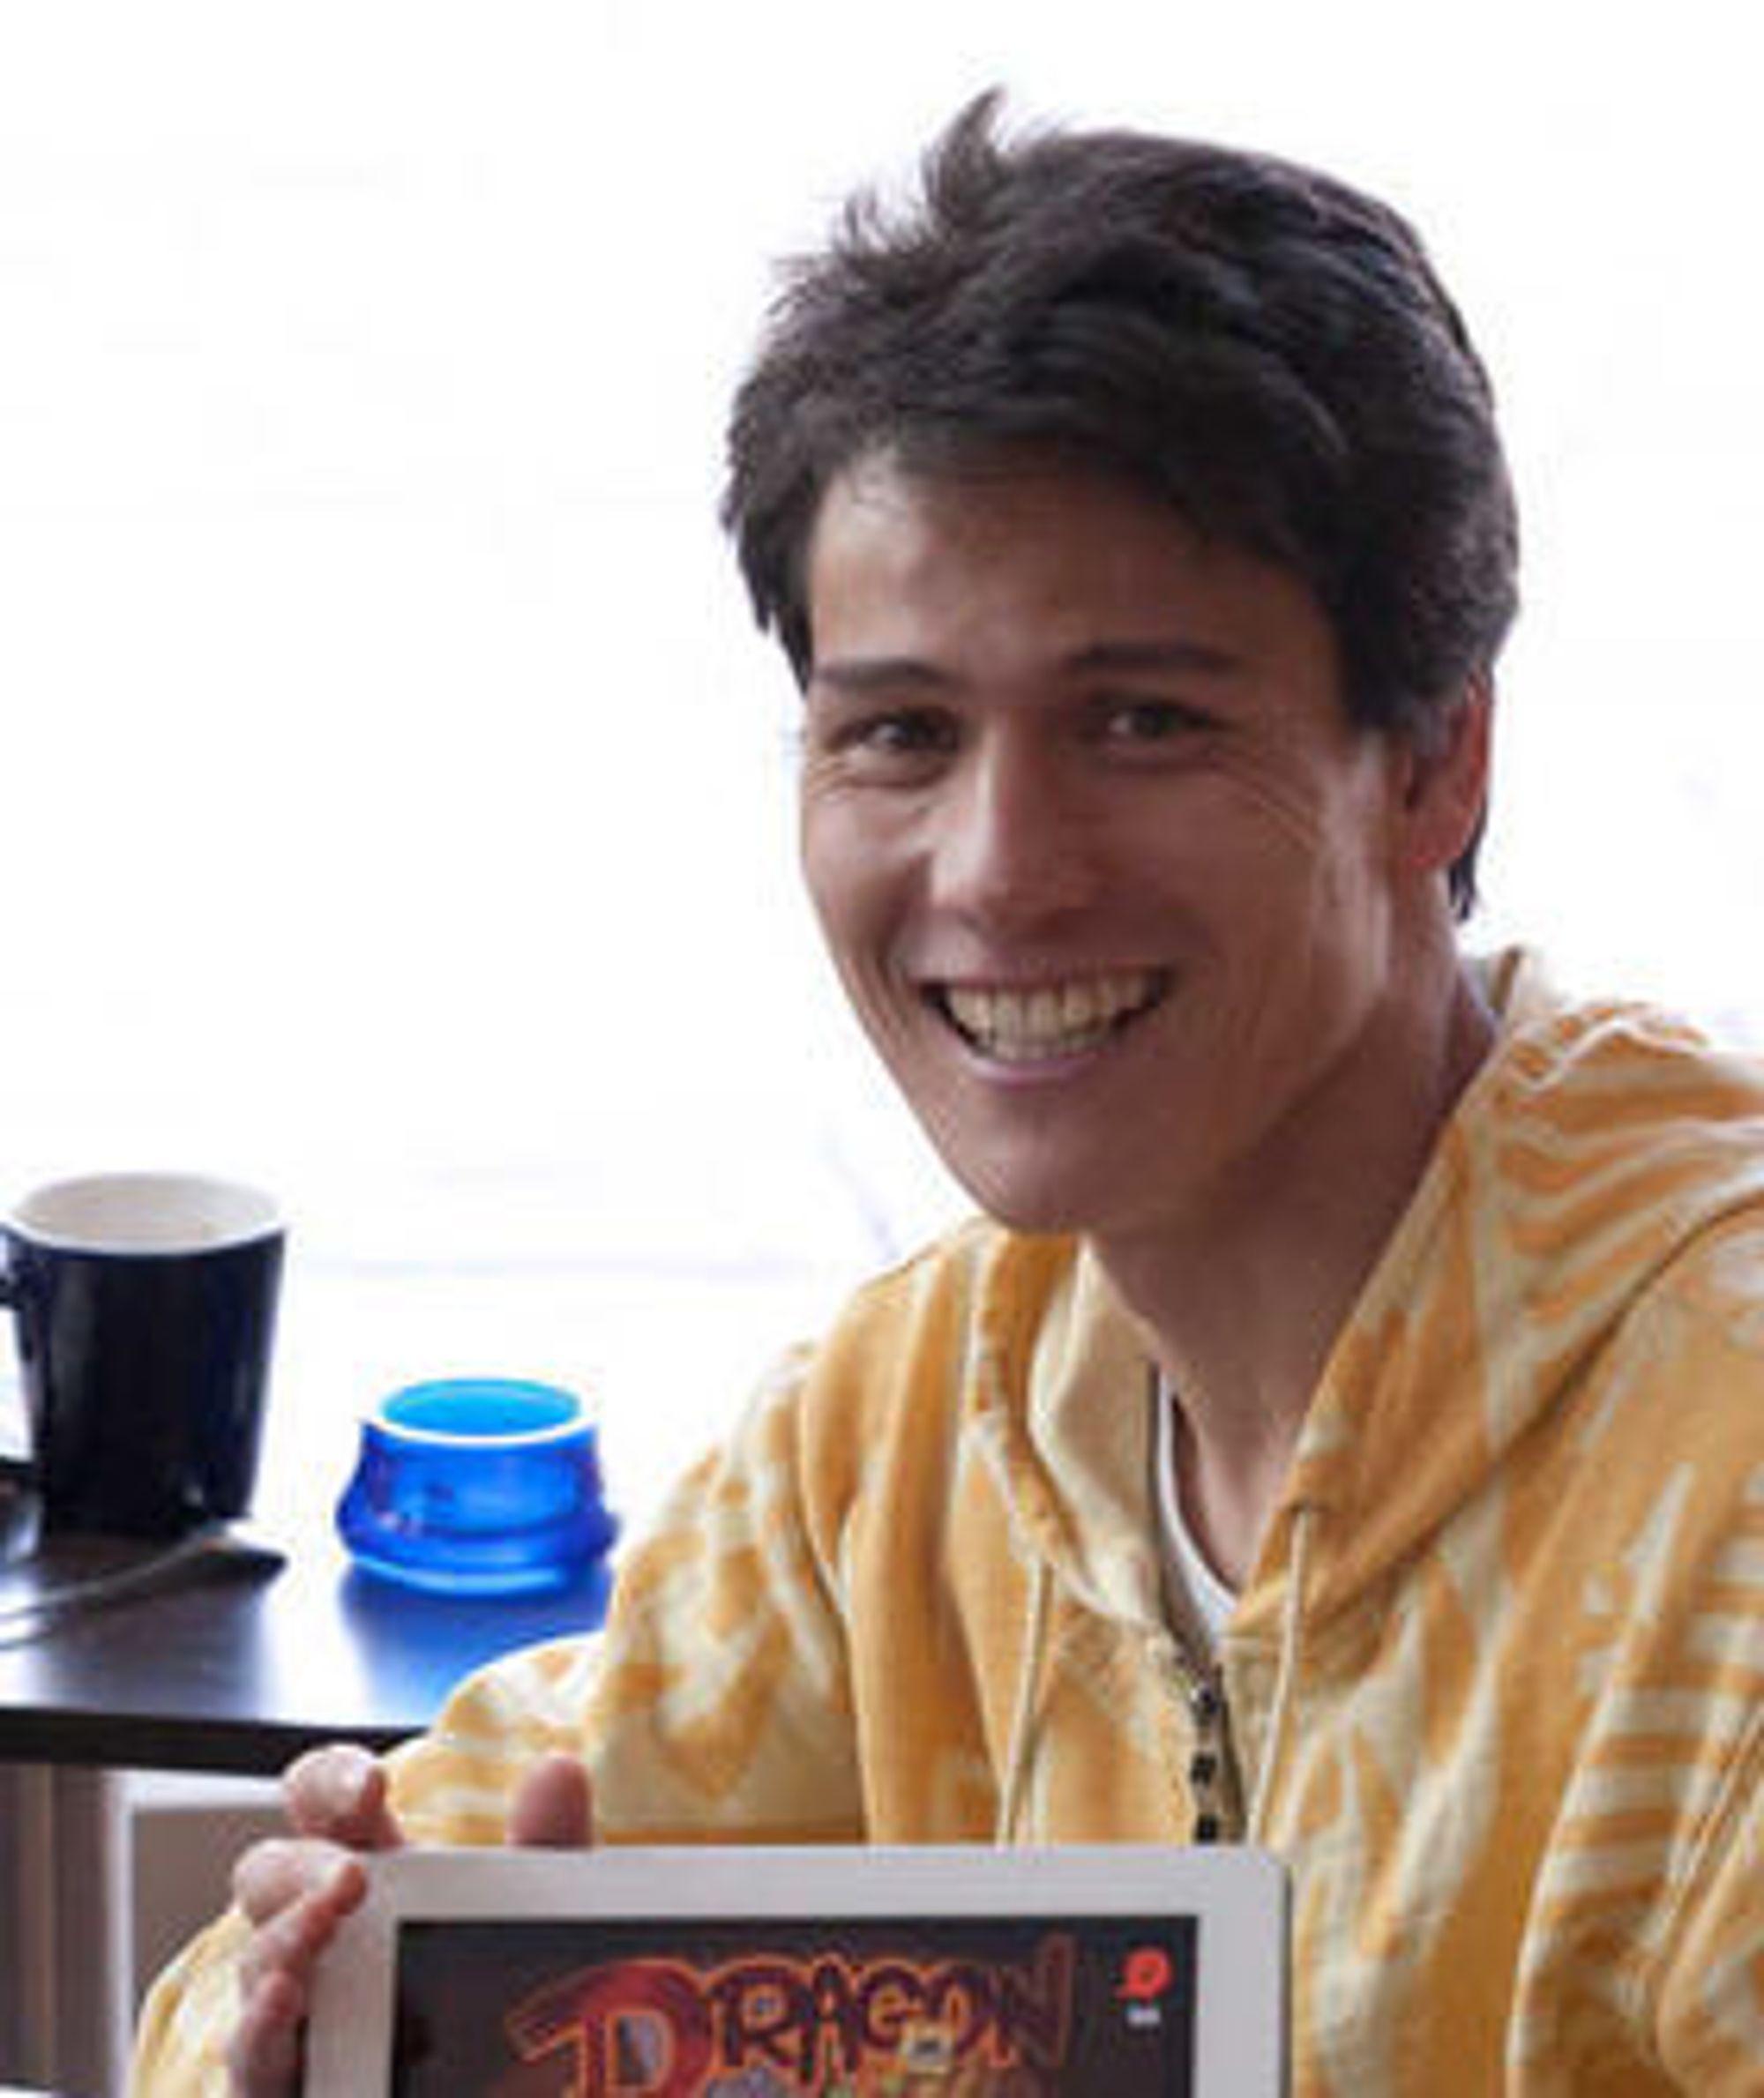 Jean-Baptiste Huyhn har opplevd stor suksess med mattespillet Dragonbox i Norge. Selskapet bak, WeWantToKnow har nå store globale ambisjoner for spillet.